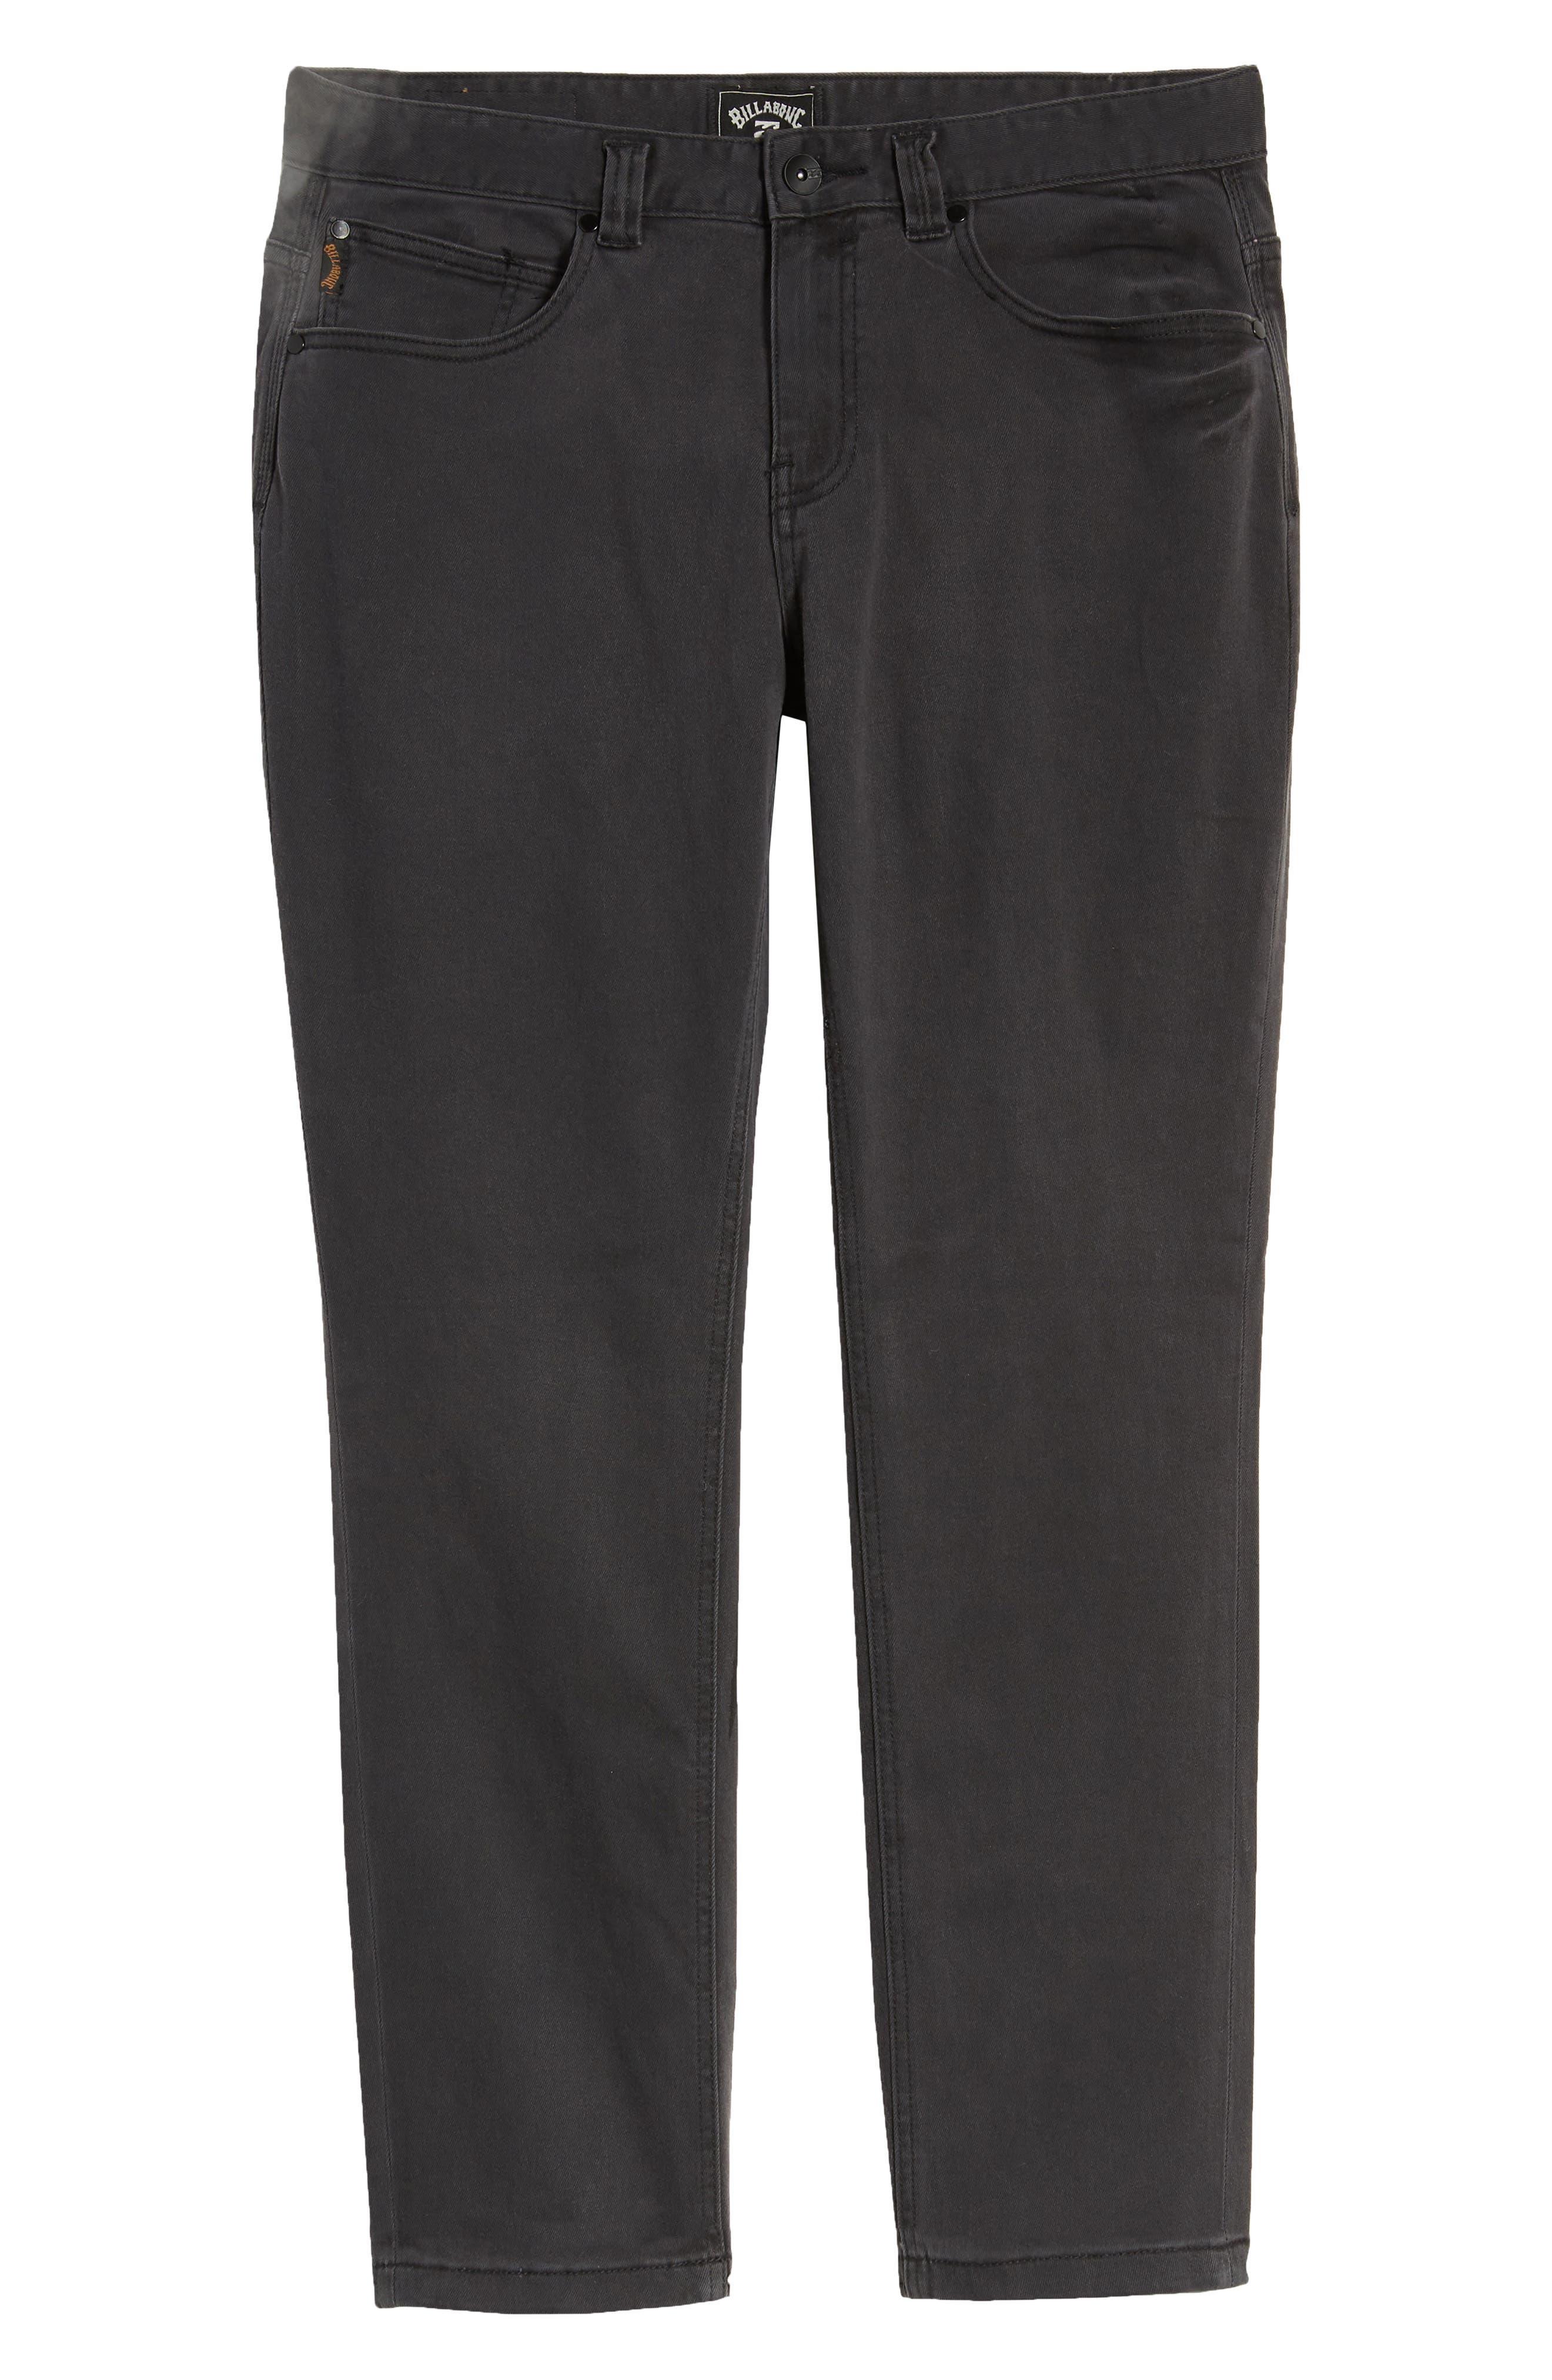 Outsider Slim Straight Jeans,                             Alternate thumbnail 3, color,                             OIL SPILL